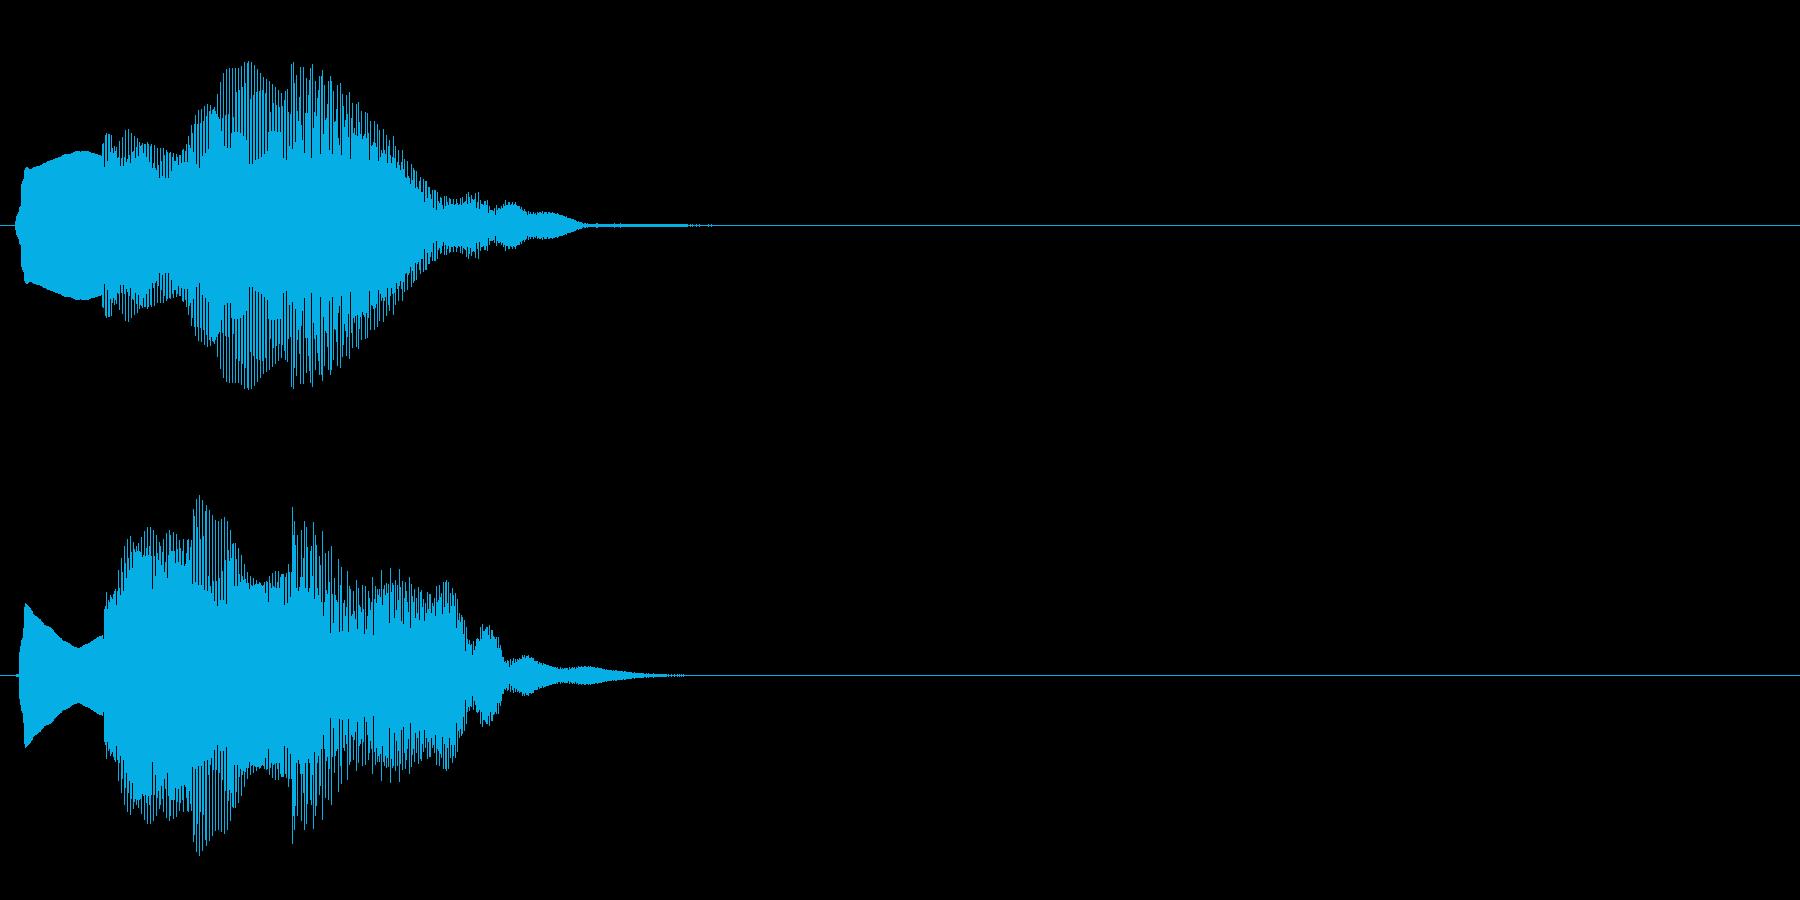 汎用 エレピ系08(大) アイテム発見の再生済みの波形